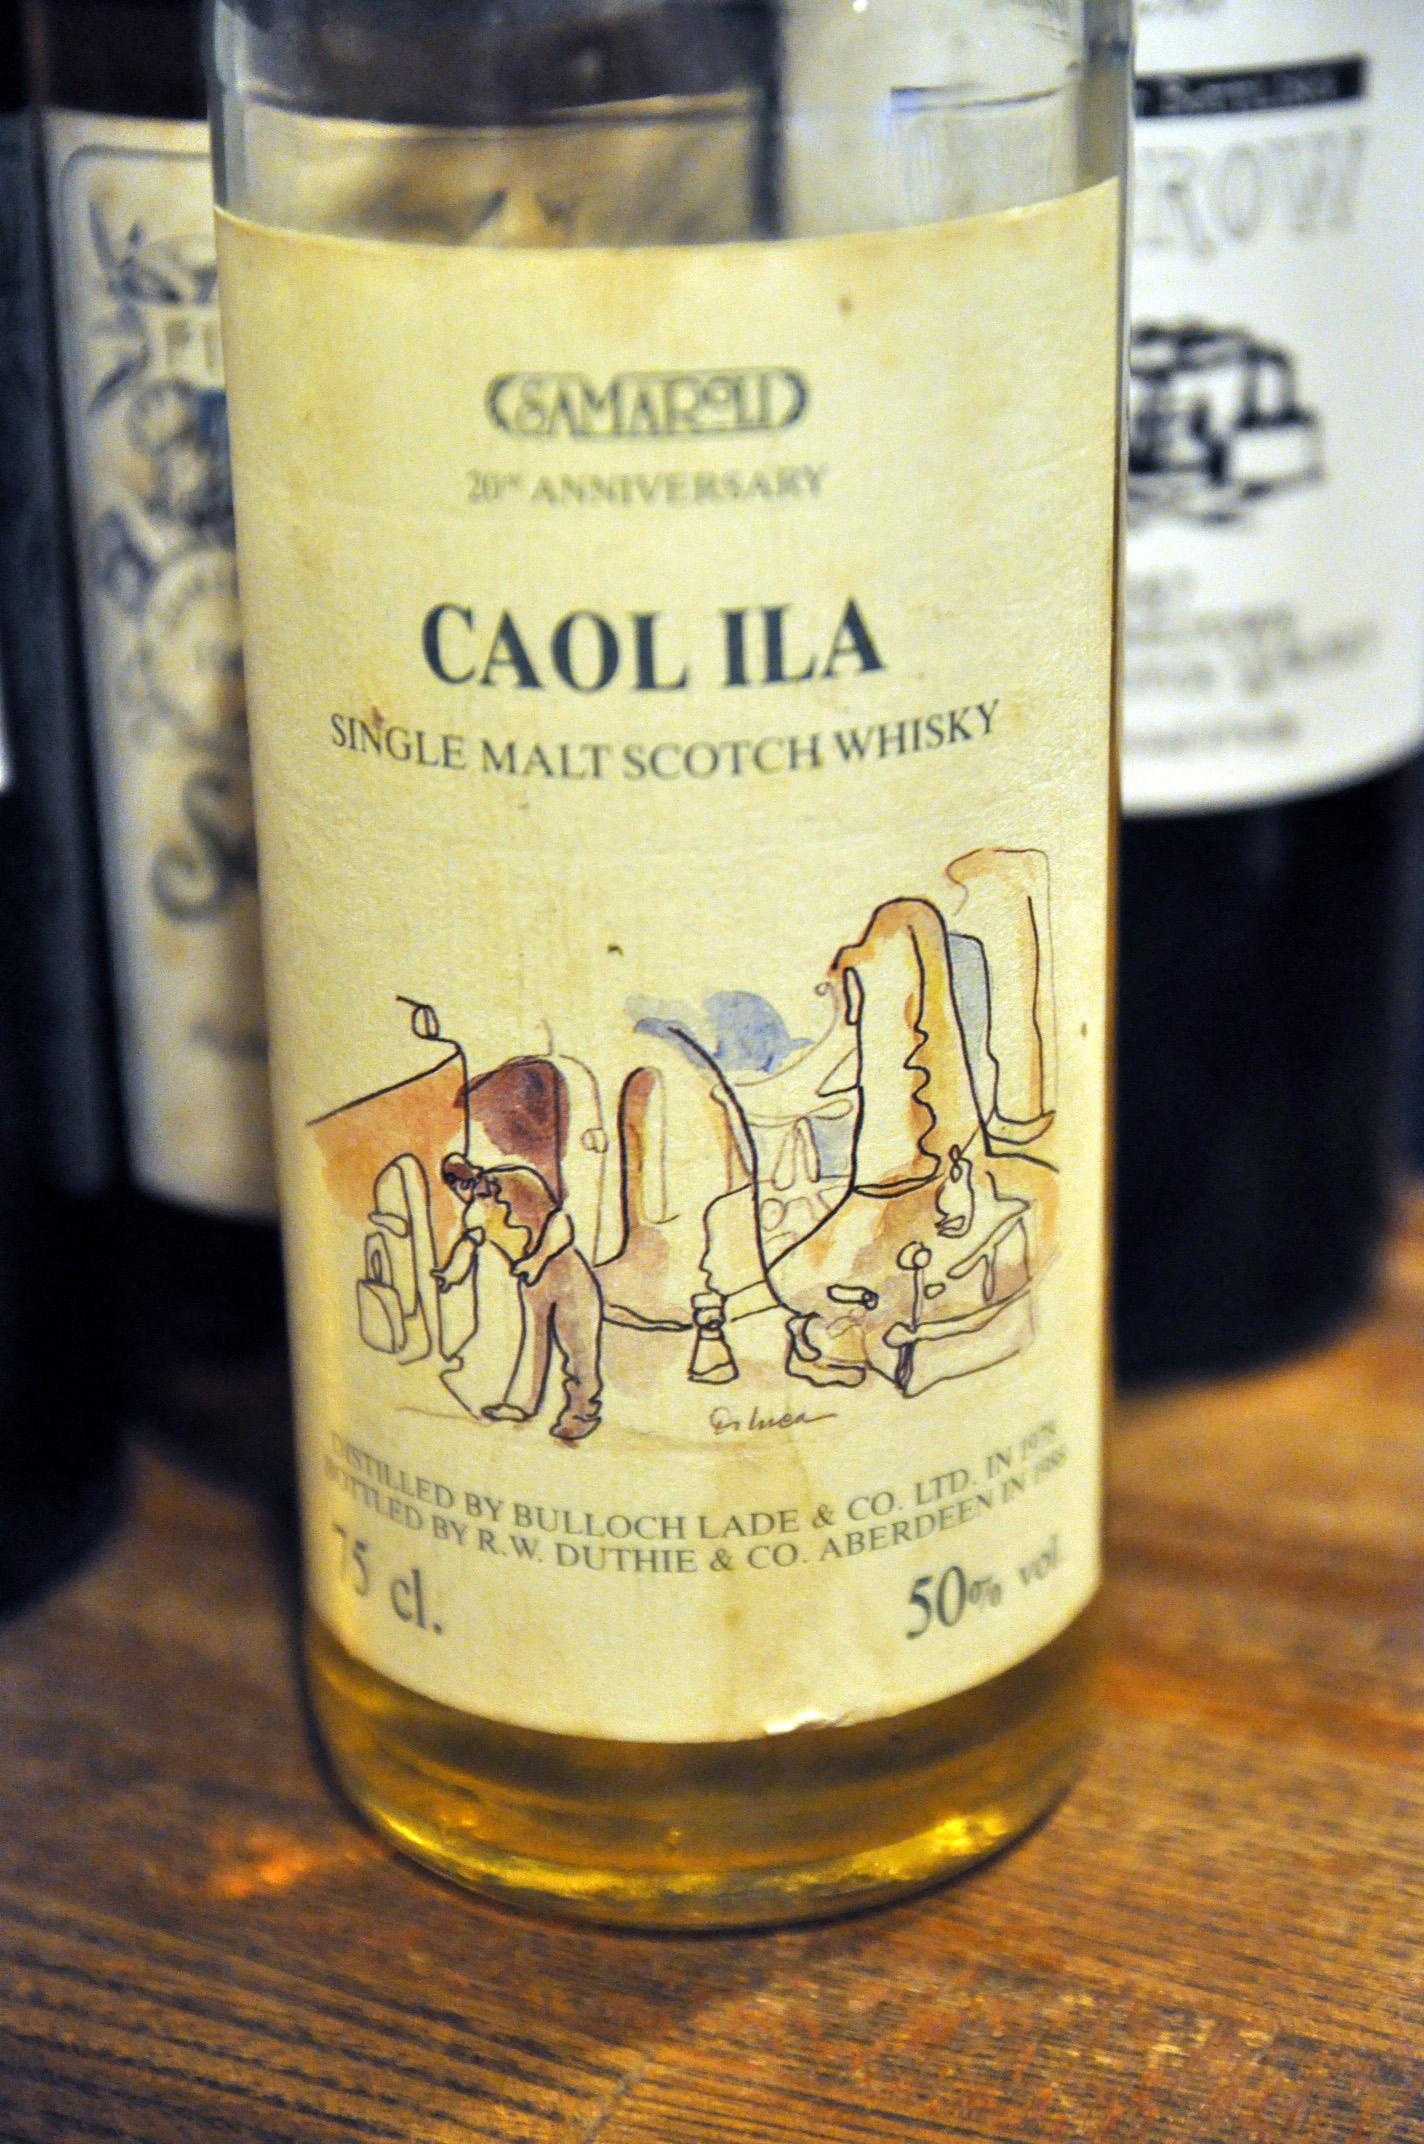 カリラ Caol Ila 1978/1988 (50%, Samaroli, 20 Anniversary Samaroli 1968 – 1988, 540bts)